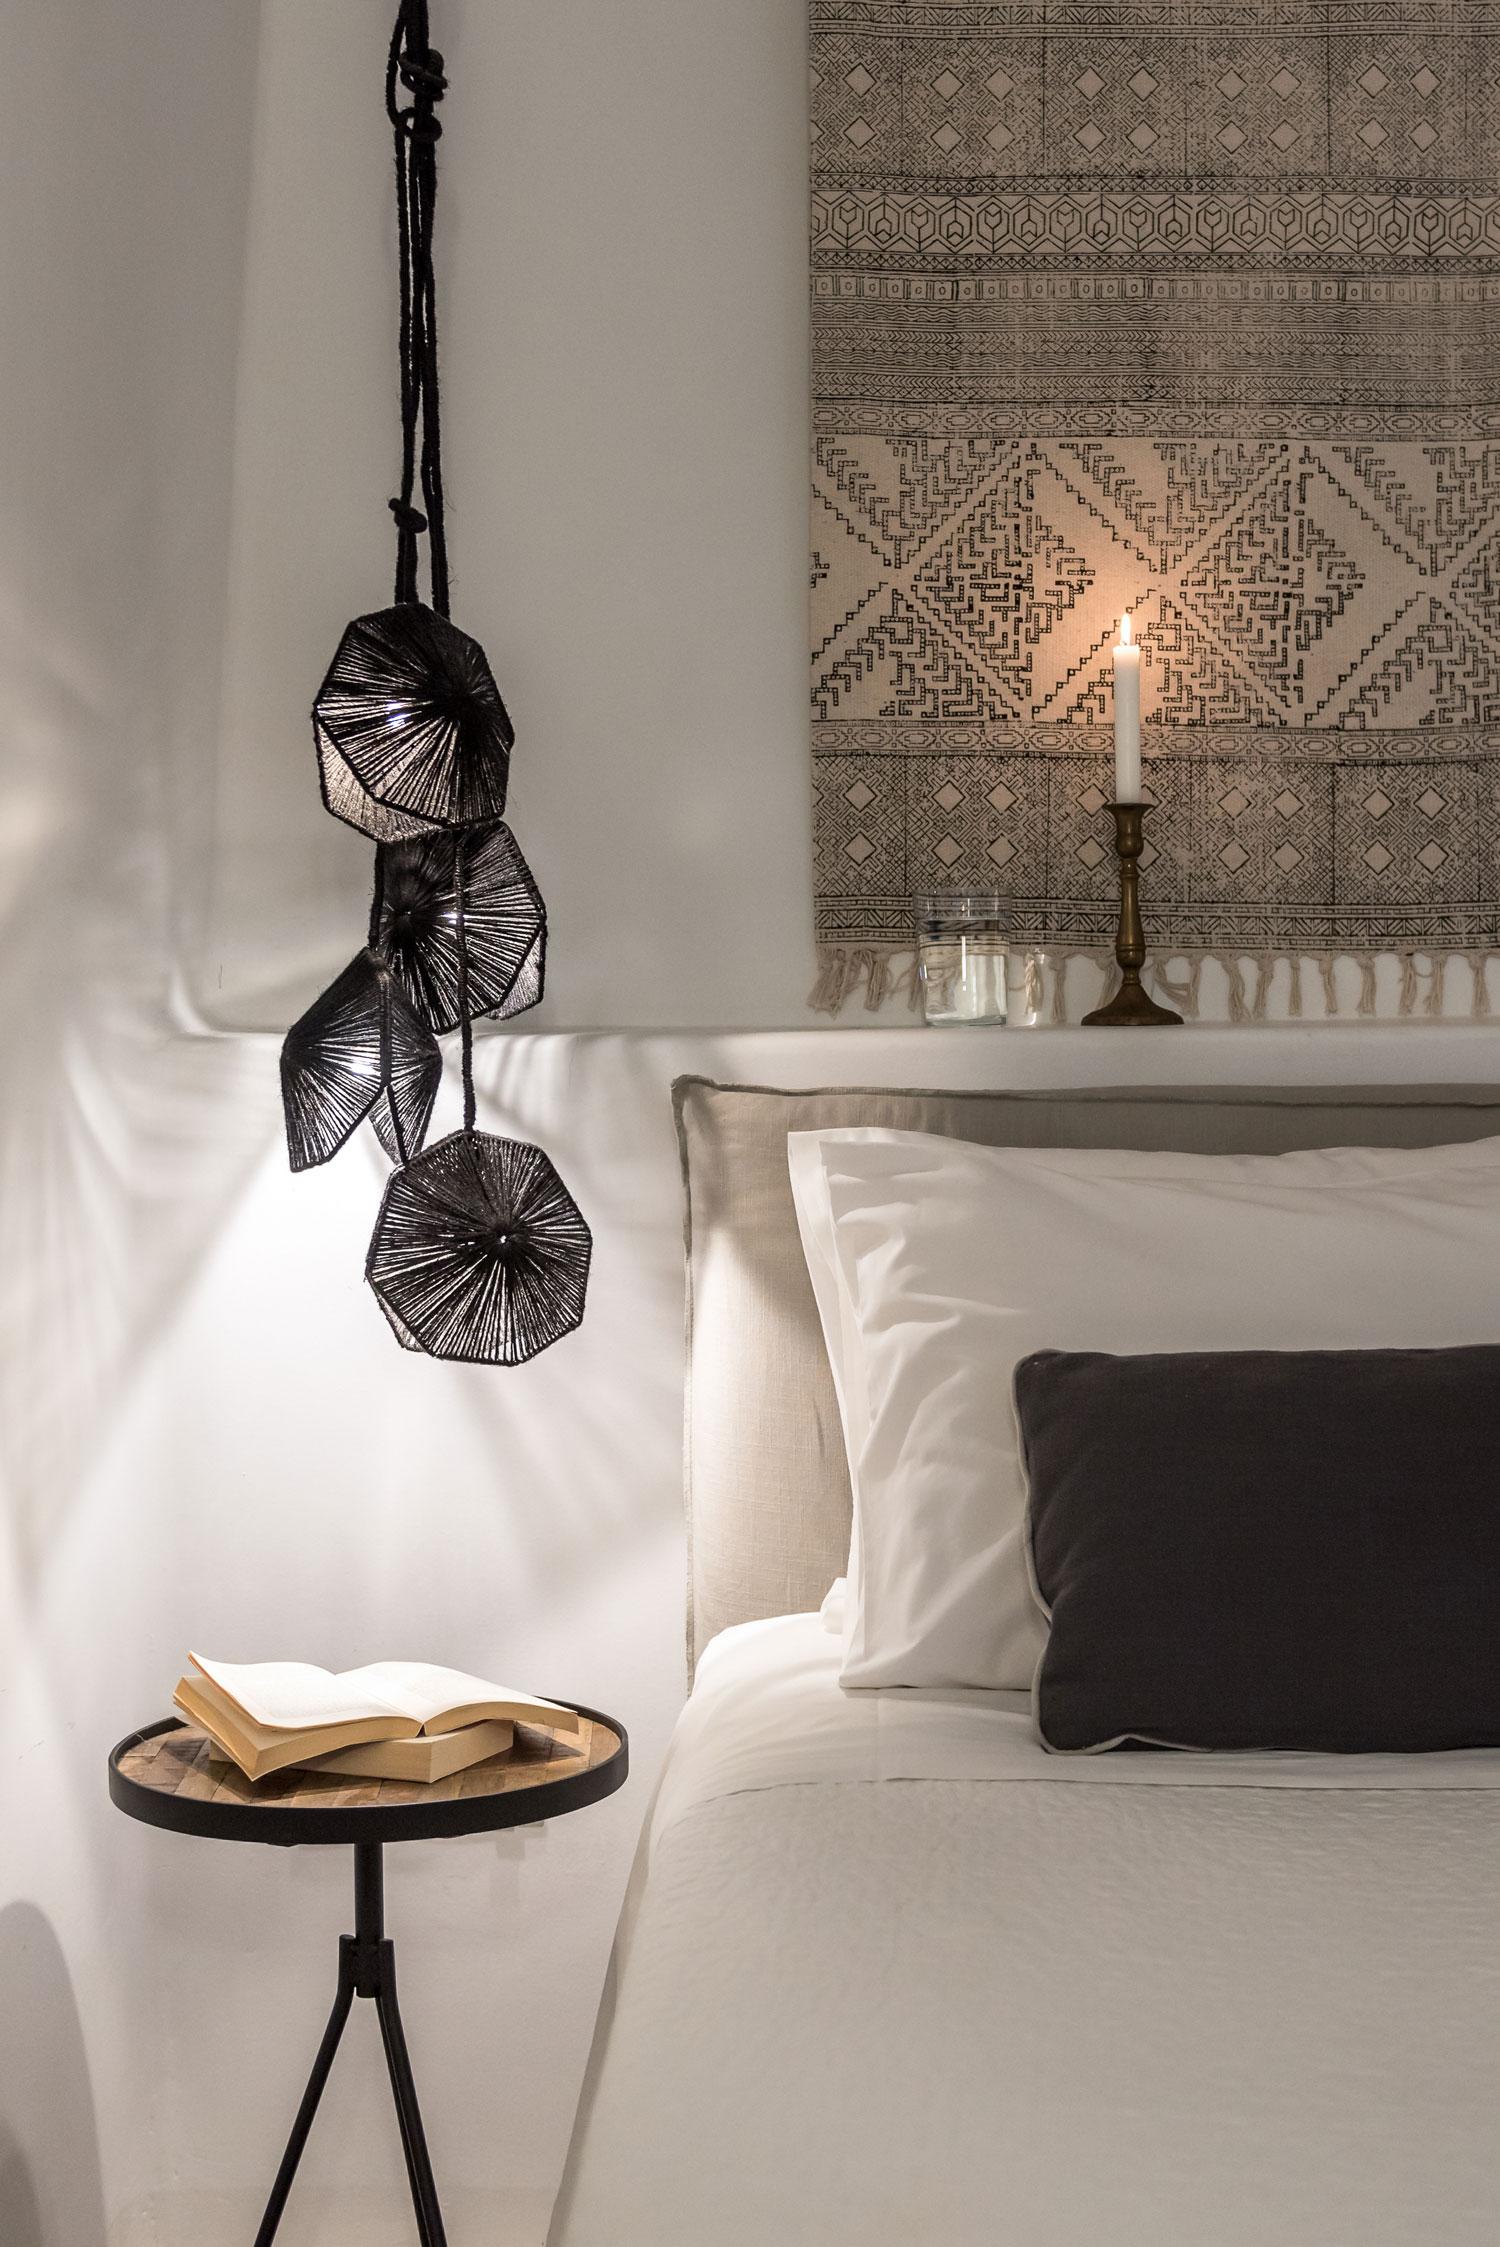 Porto-Fira-Suites-Hotel-in-Santorini-by-Interior-Design-Laboratorium-Yellowtrace-11.jpg